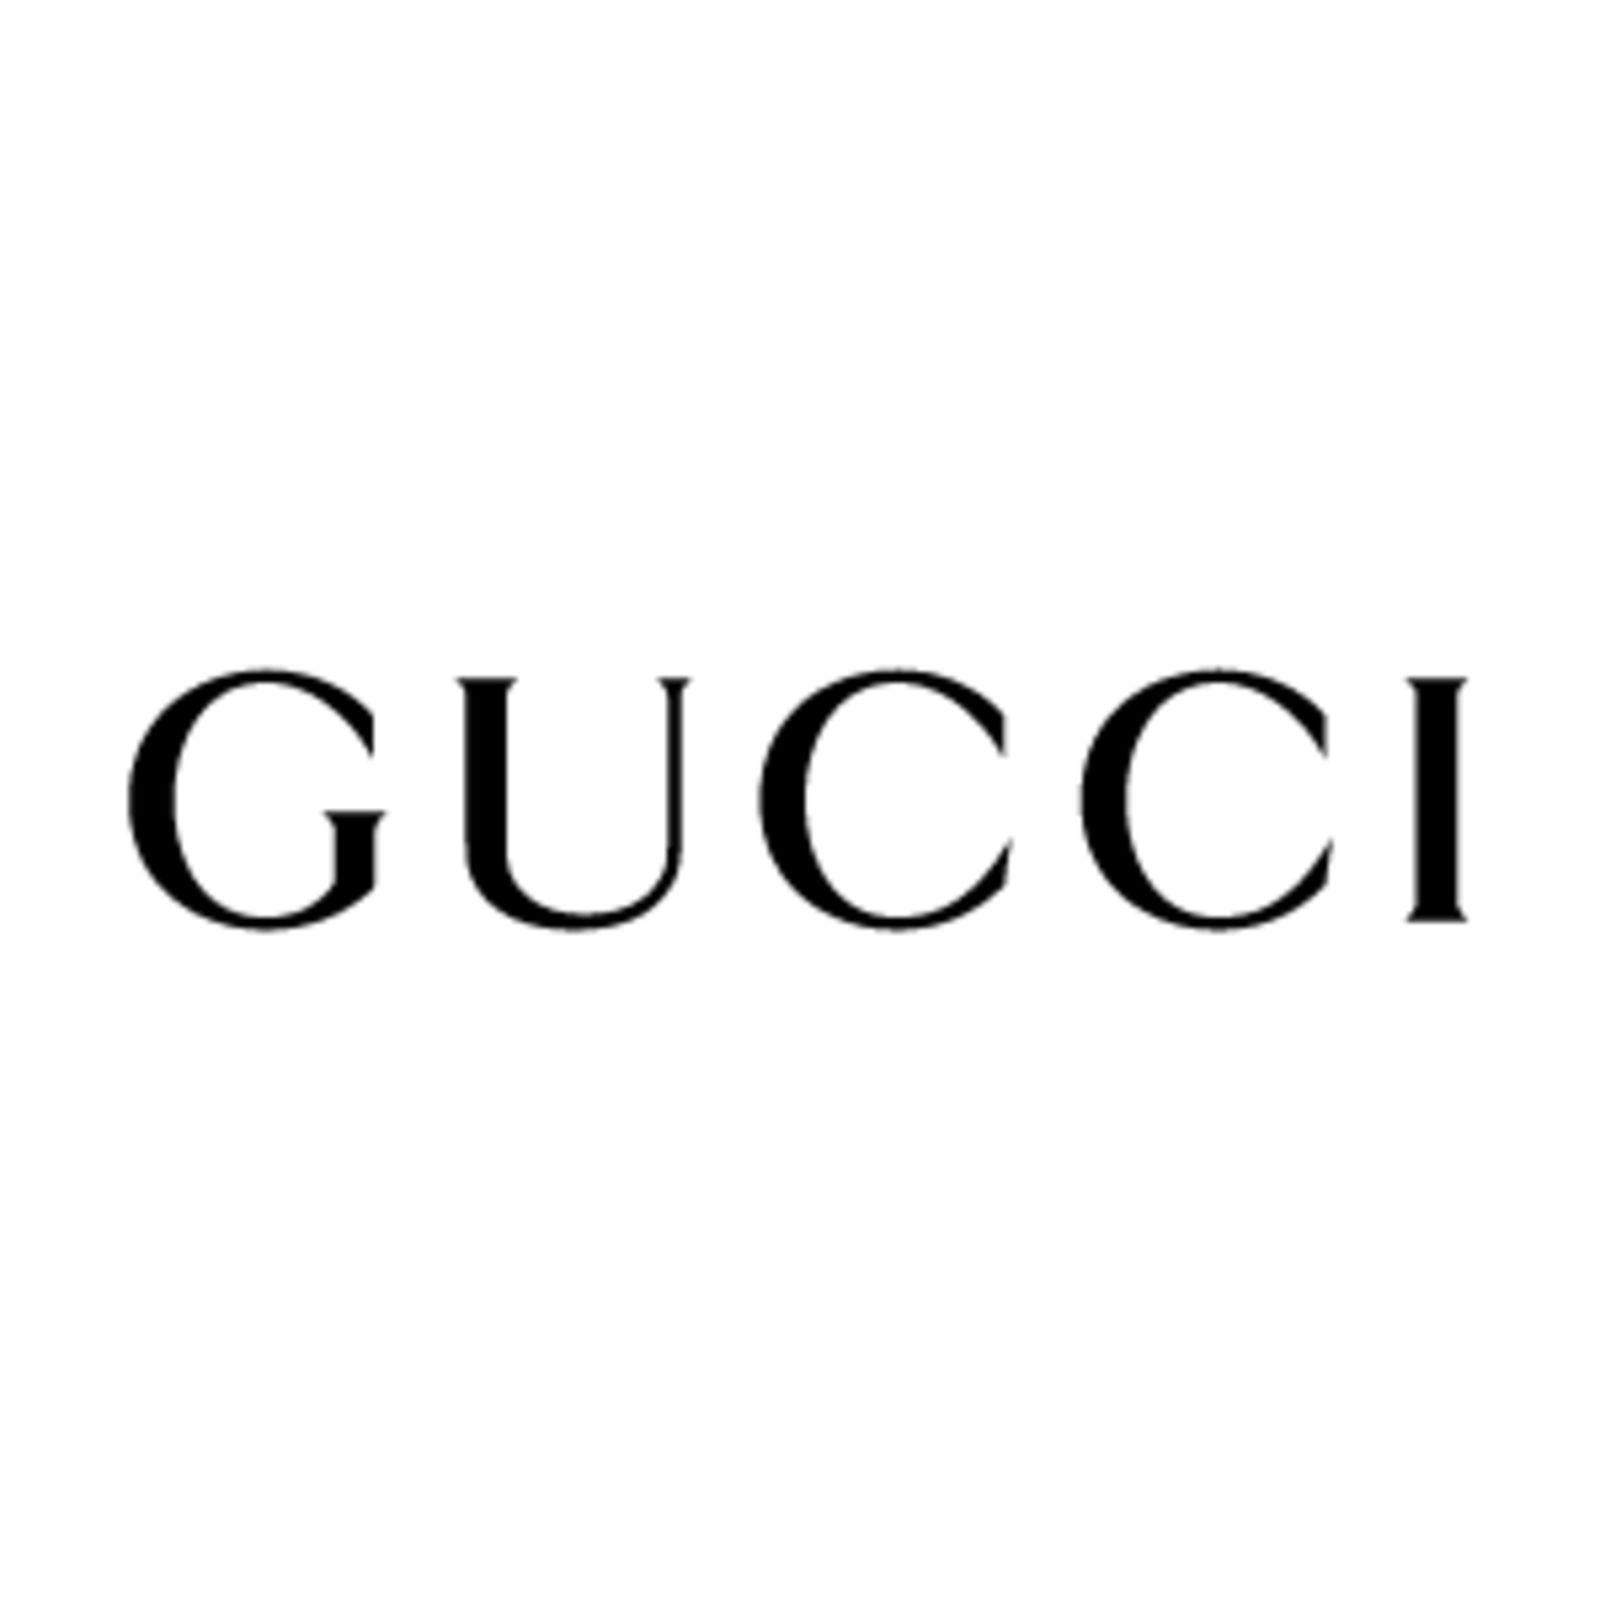 GUCCI (Image 1)